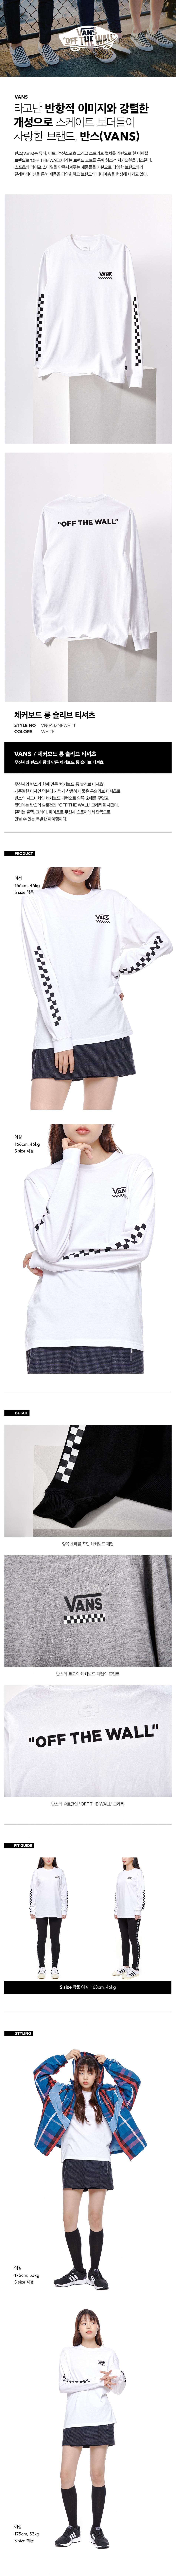 반스(VANS) 체커보드 롱 슬리브 티셔츠 - (SMU) 화이트